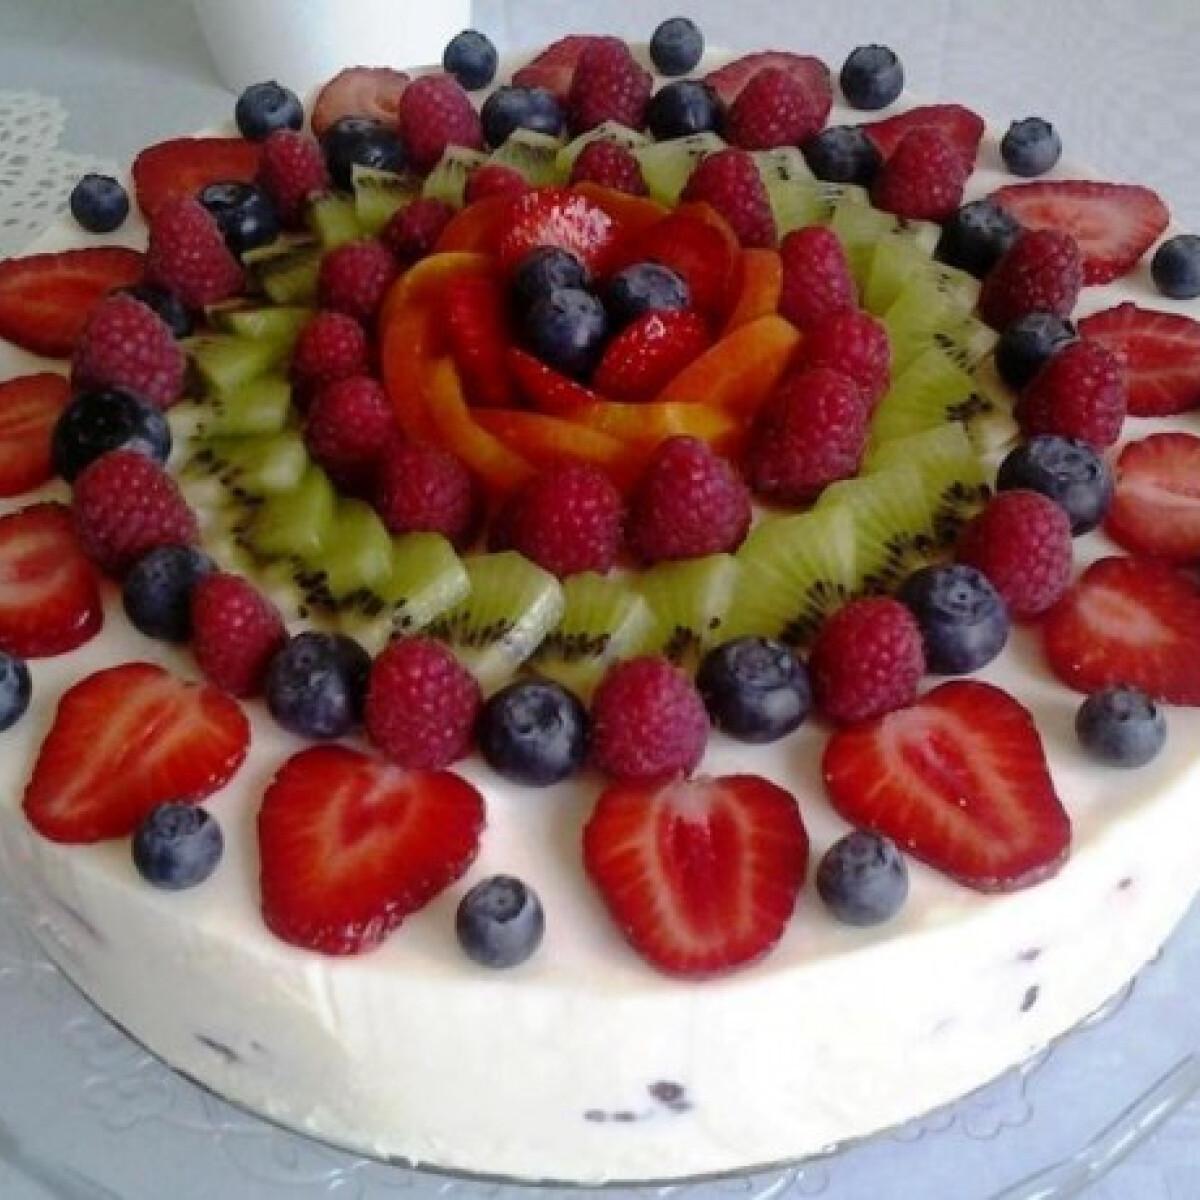 Ezen a képen: Gyümölcsös joghurttorta Kati konyhájából